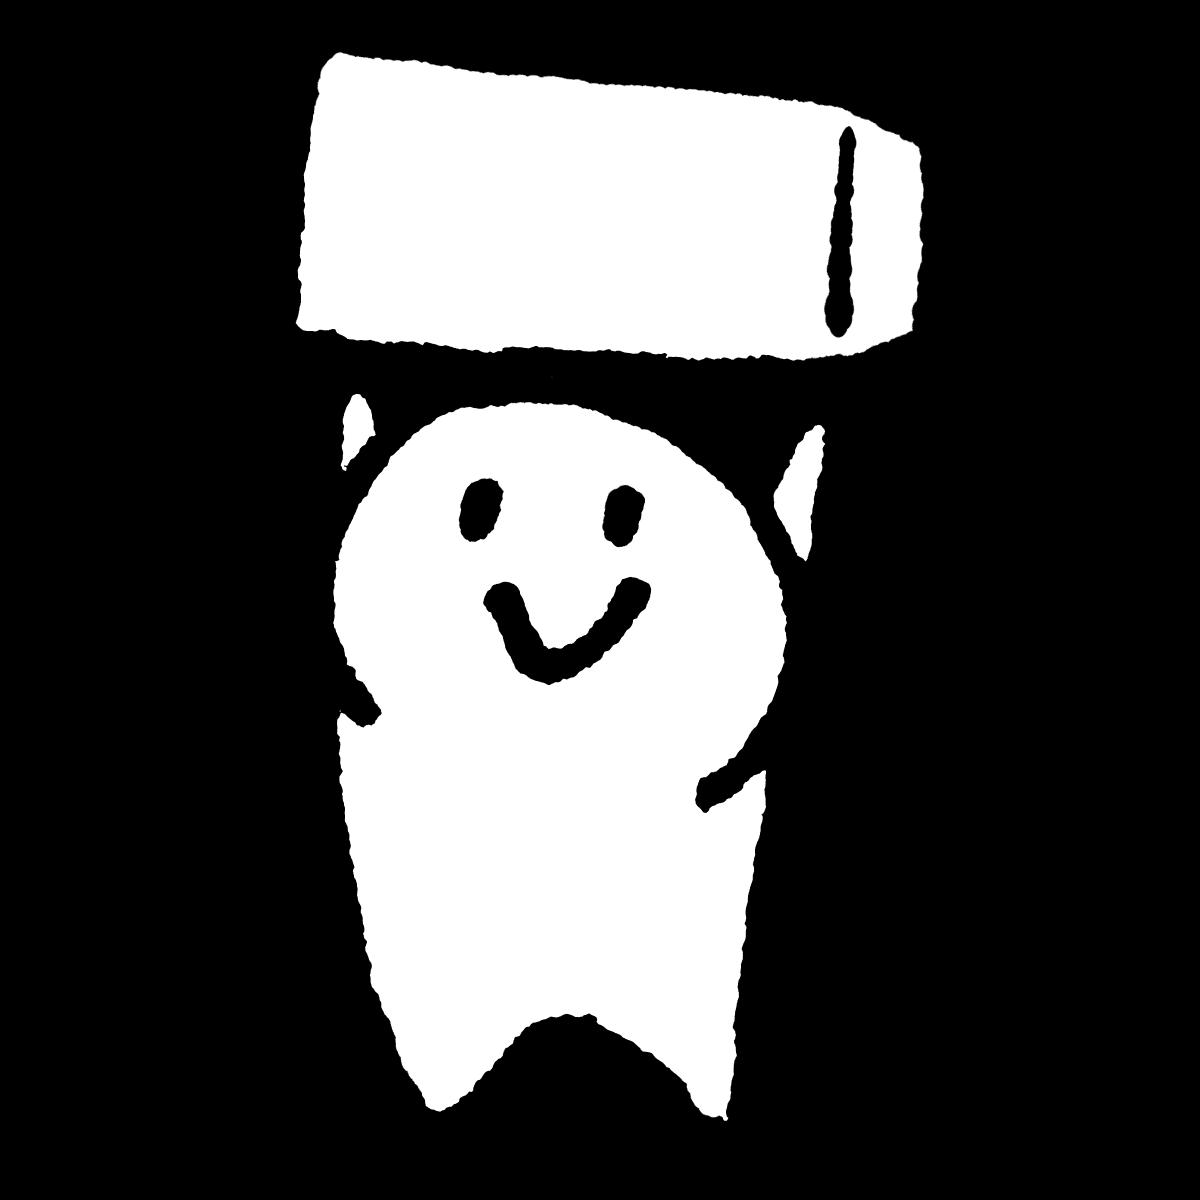 箱を持ち上げる(2種)のイラスト Lift a box (2 types)  Illustration